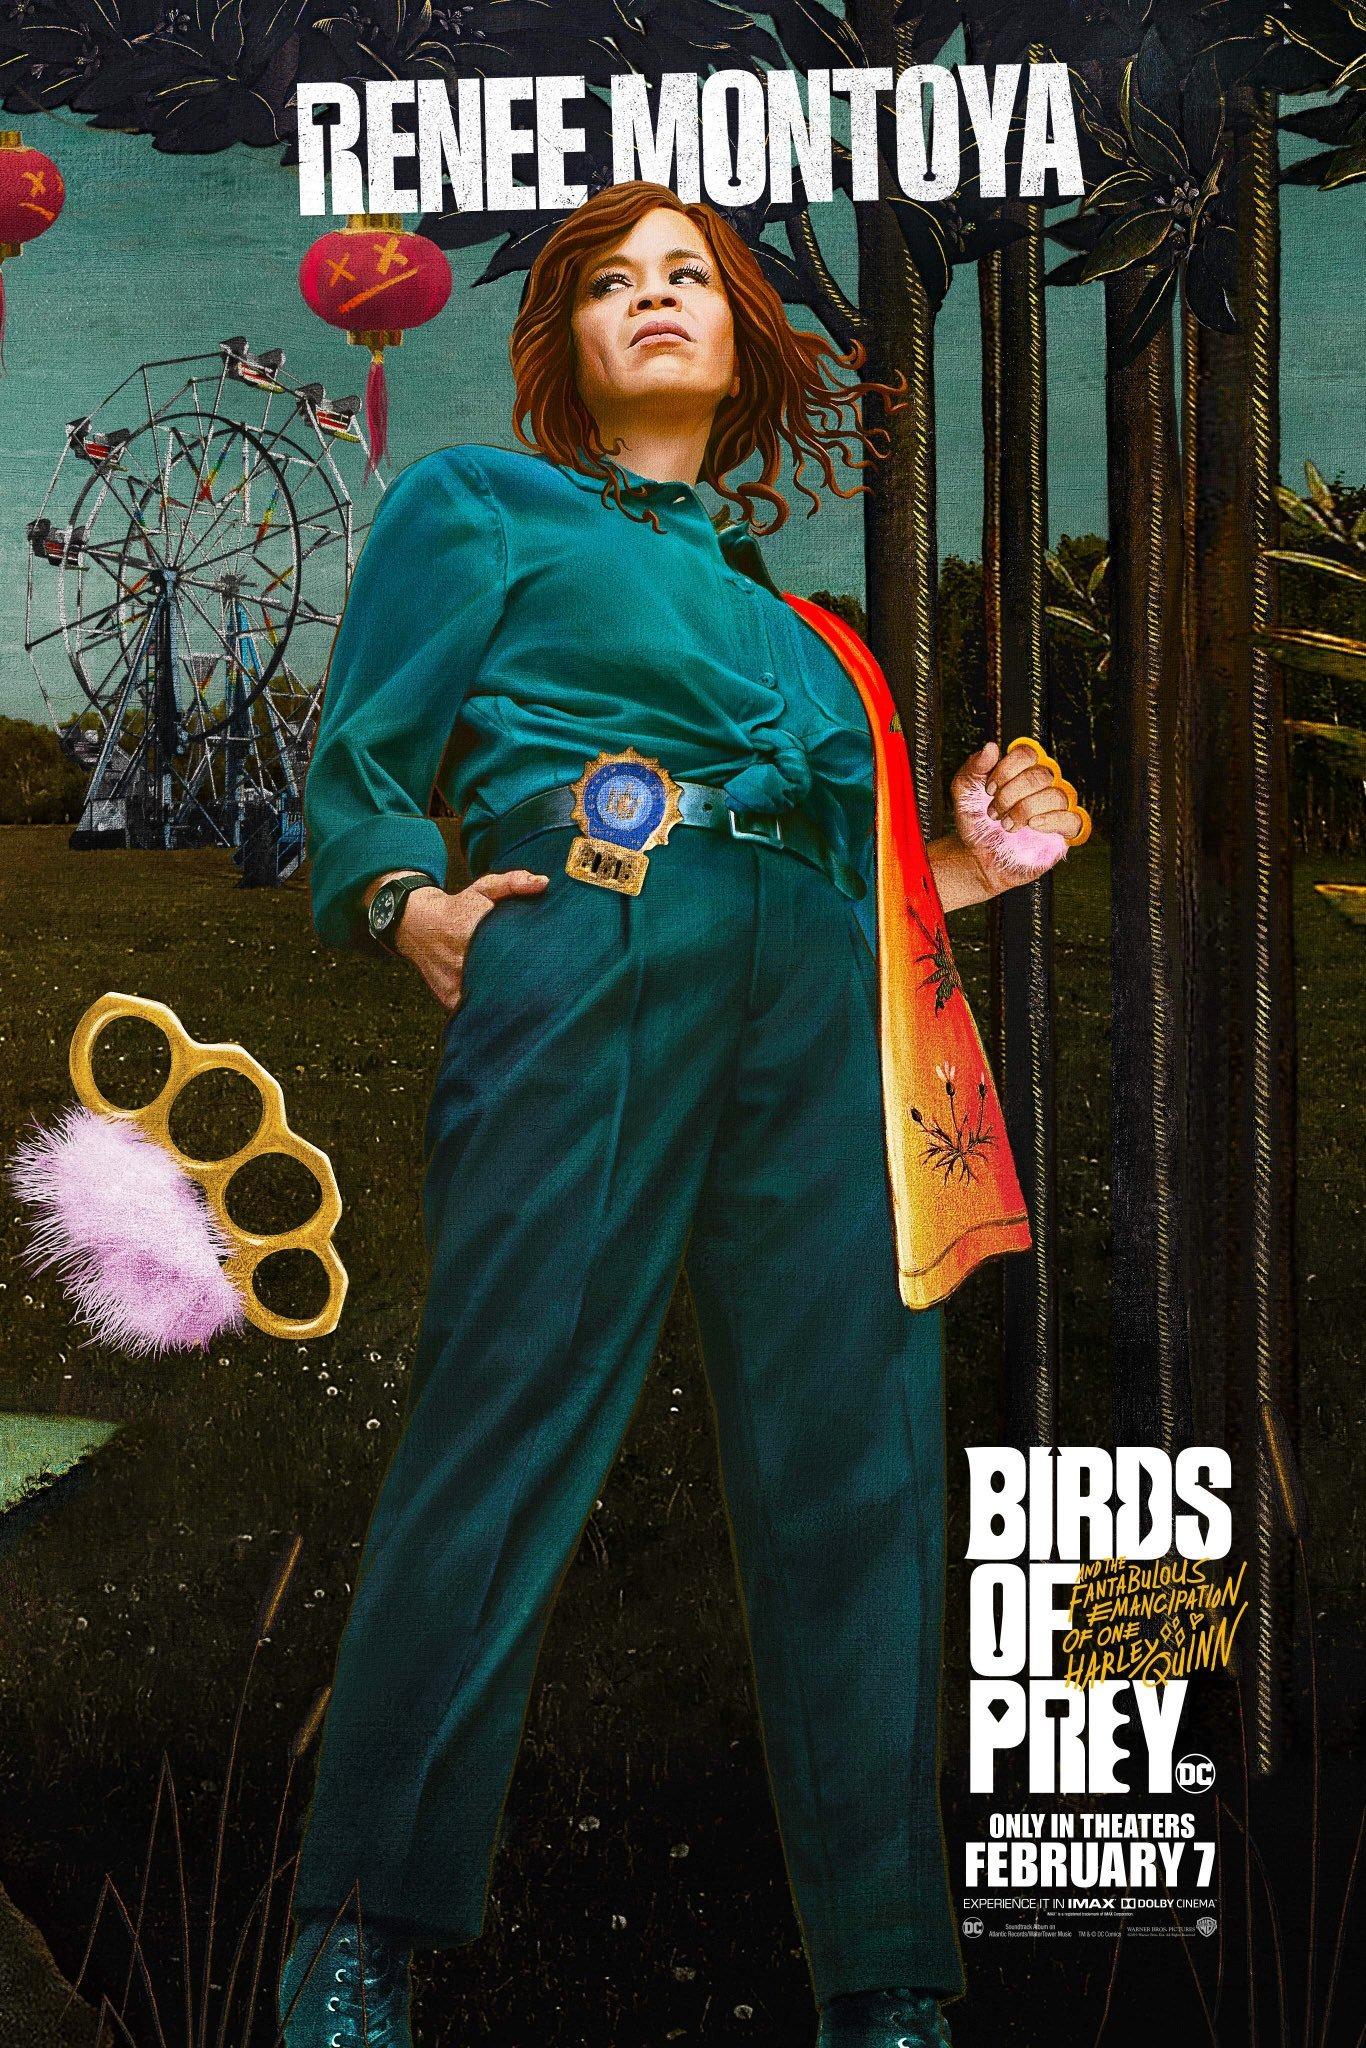 birds_of_prey_p13.png